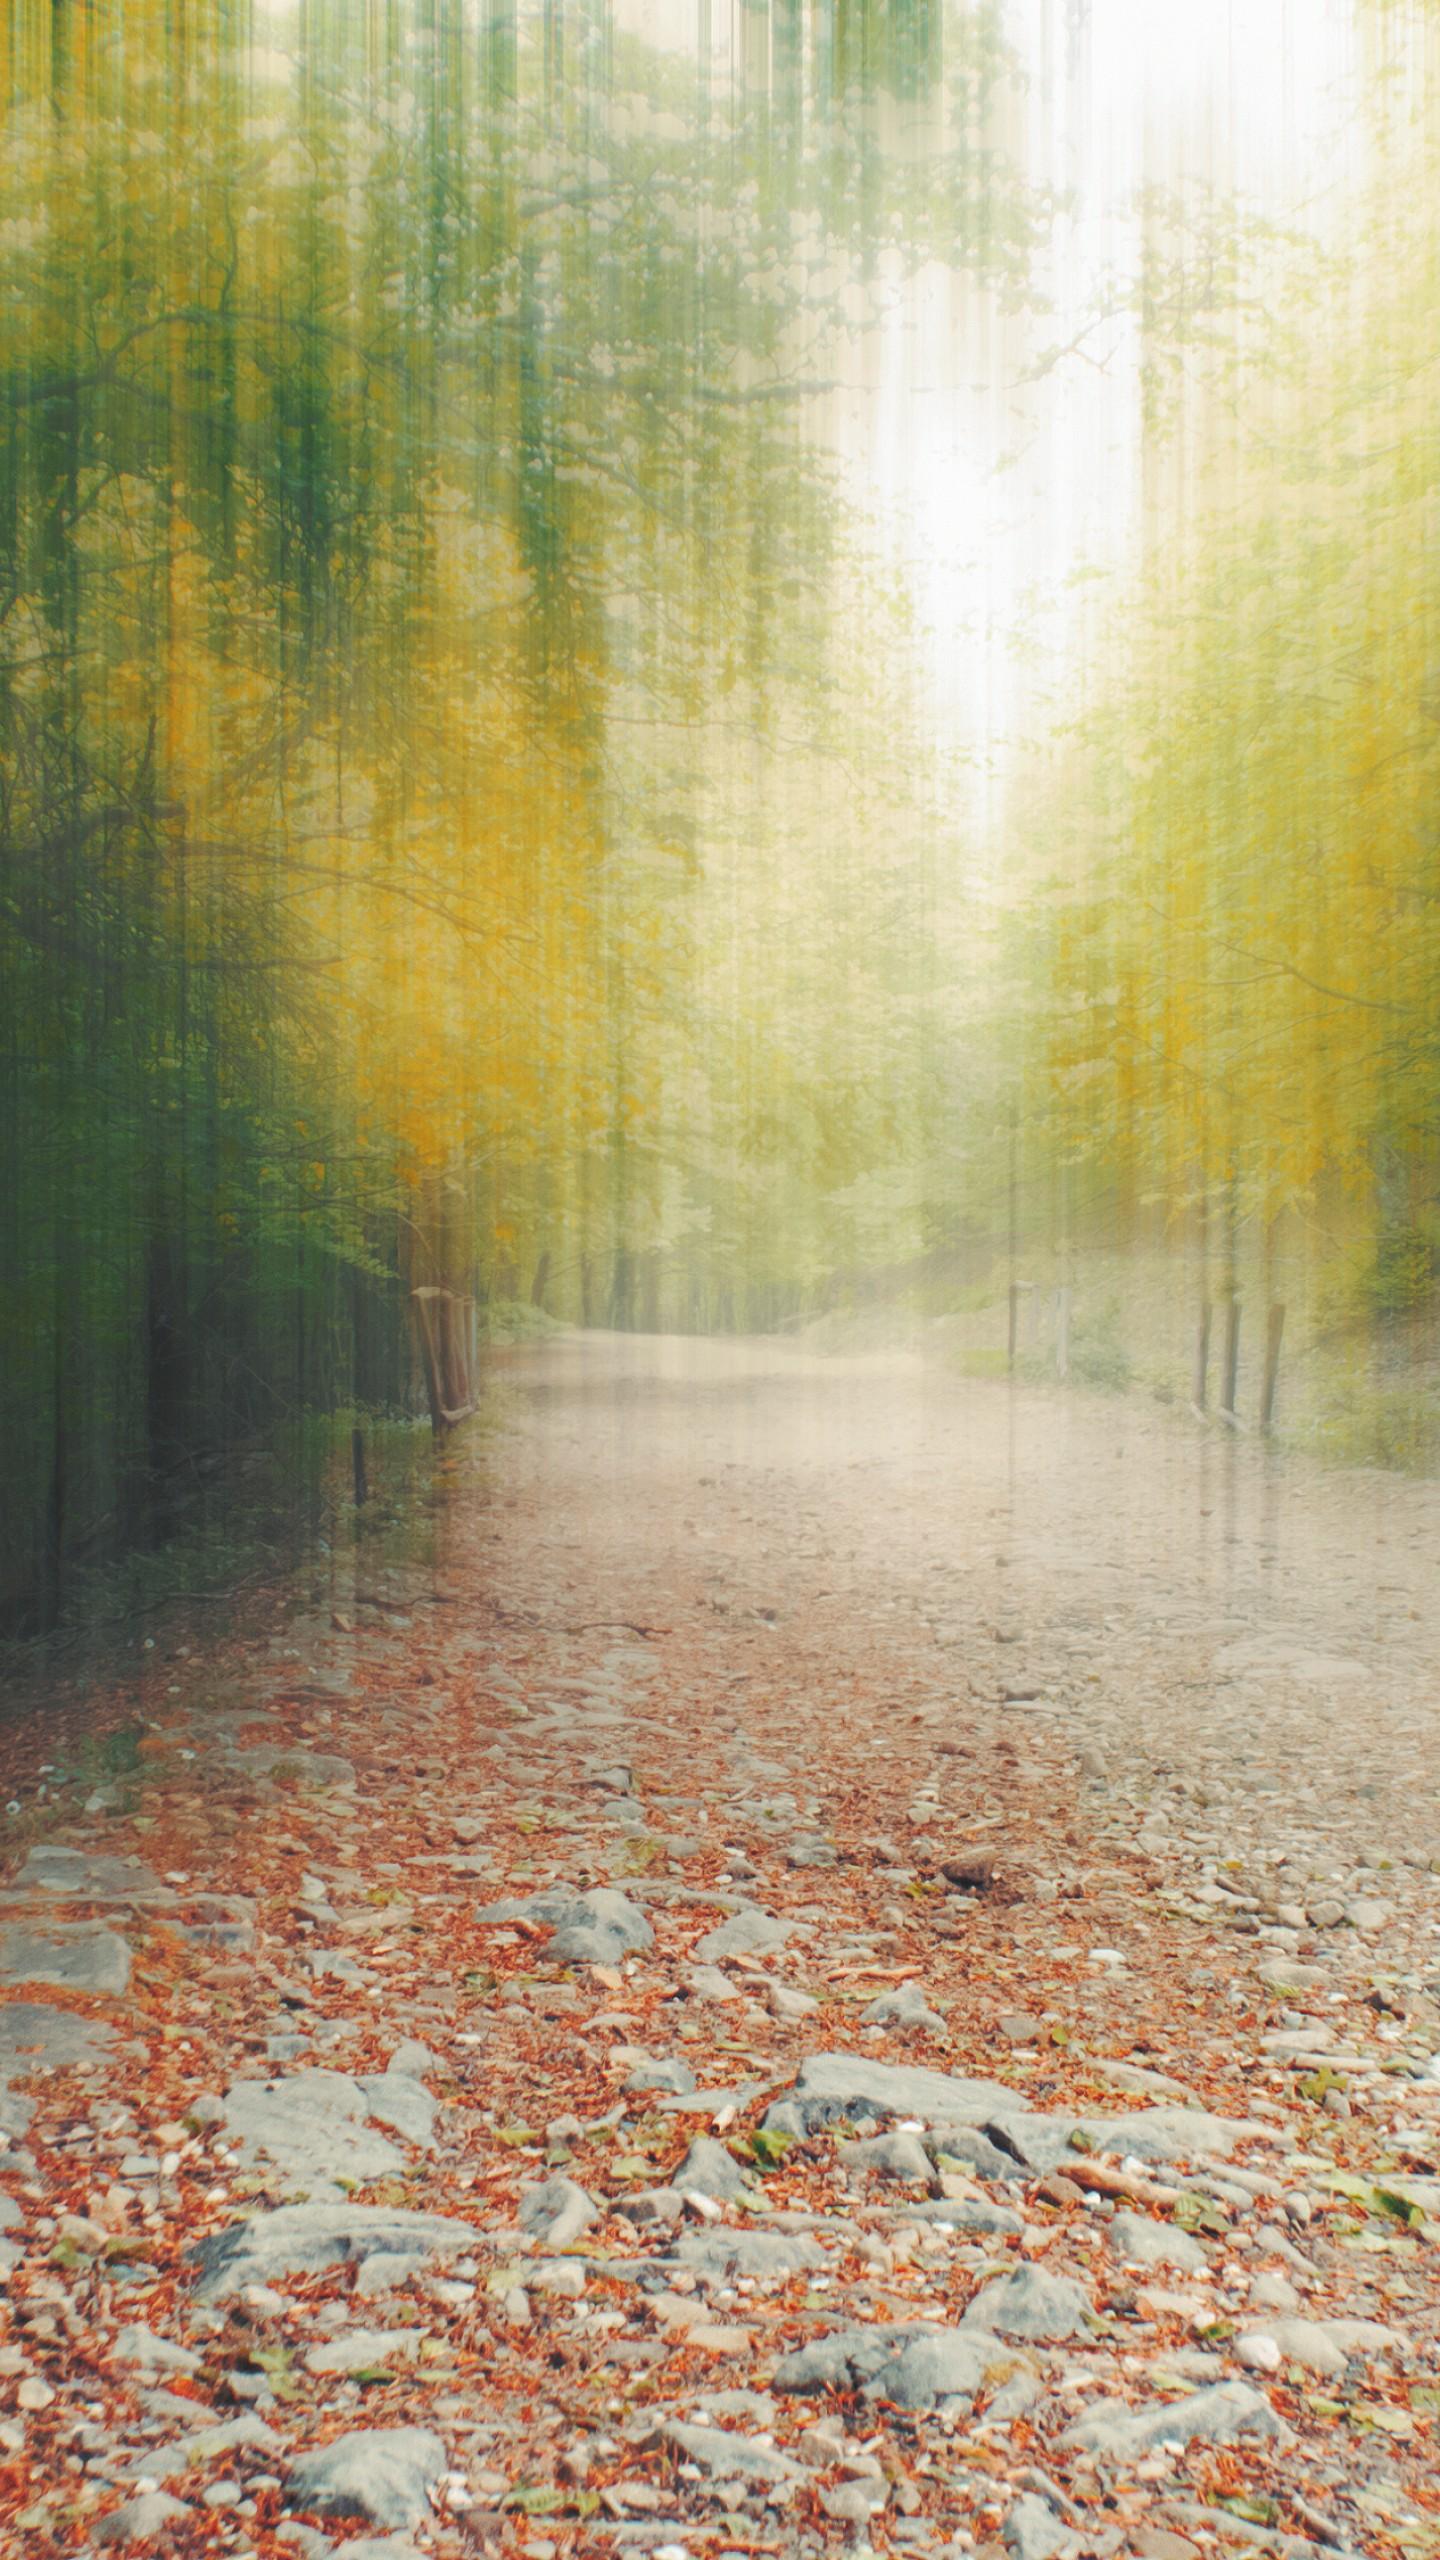 عکس زمینه جنگل و شاخ برگ درختان در پاییز پس زمینه